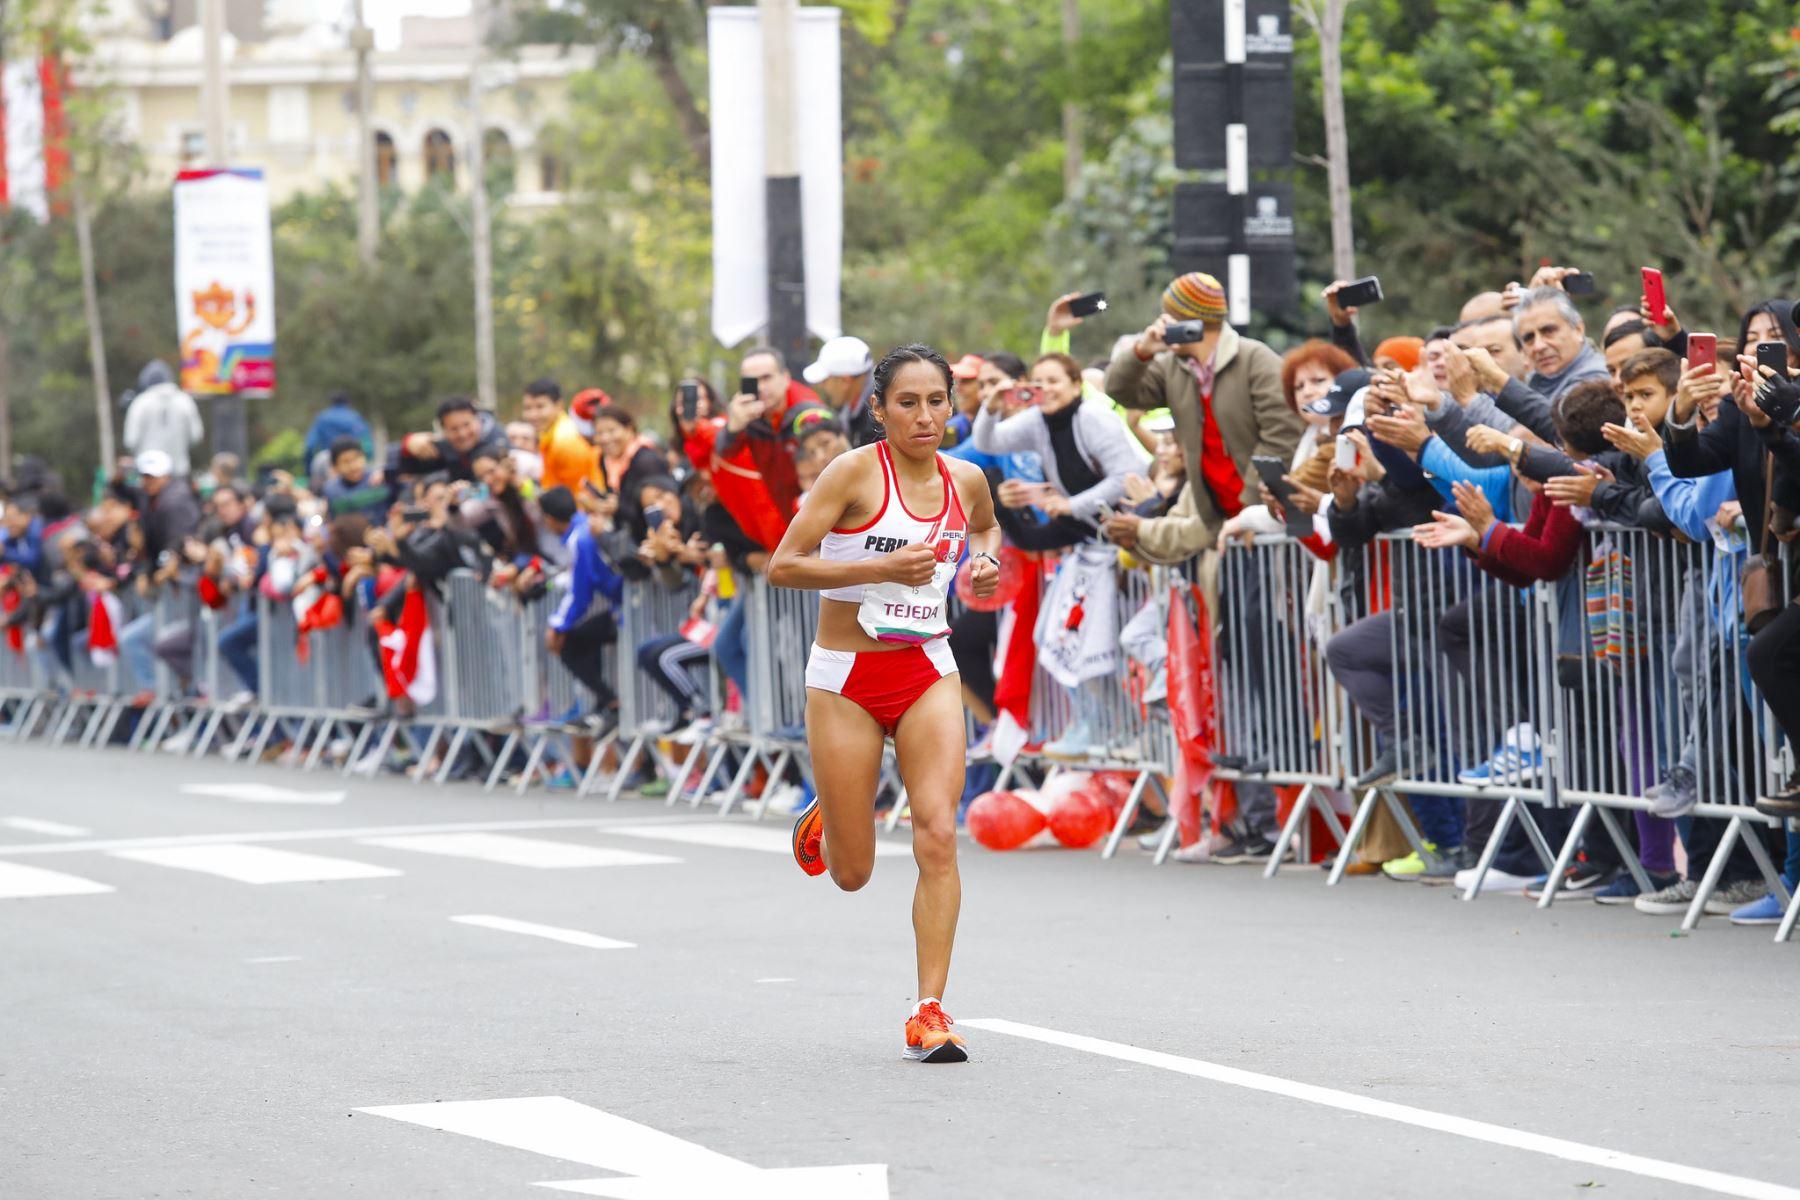 Gladys Tejeda va con todo en busca de ganar la medalla en los Juegos Olímpicos Tokio 2020